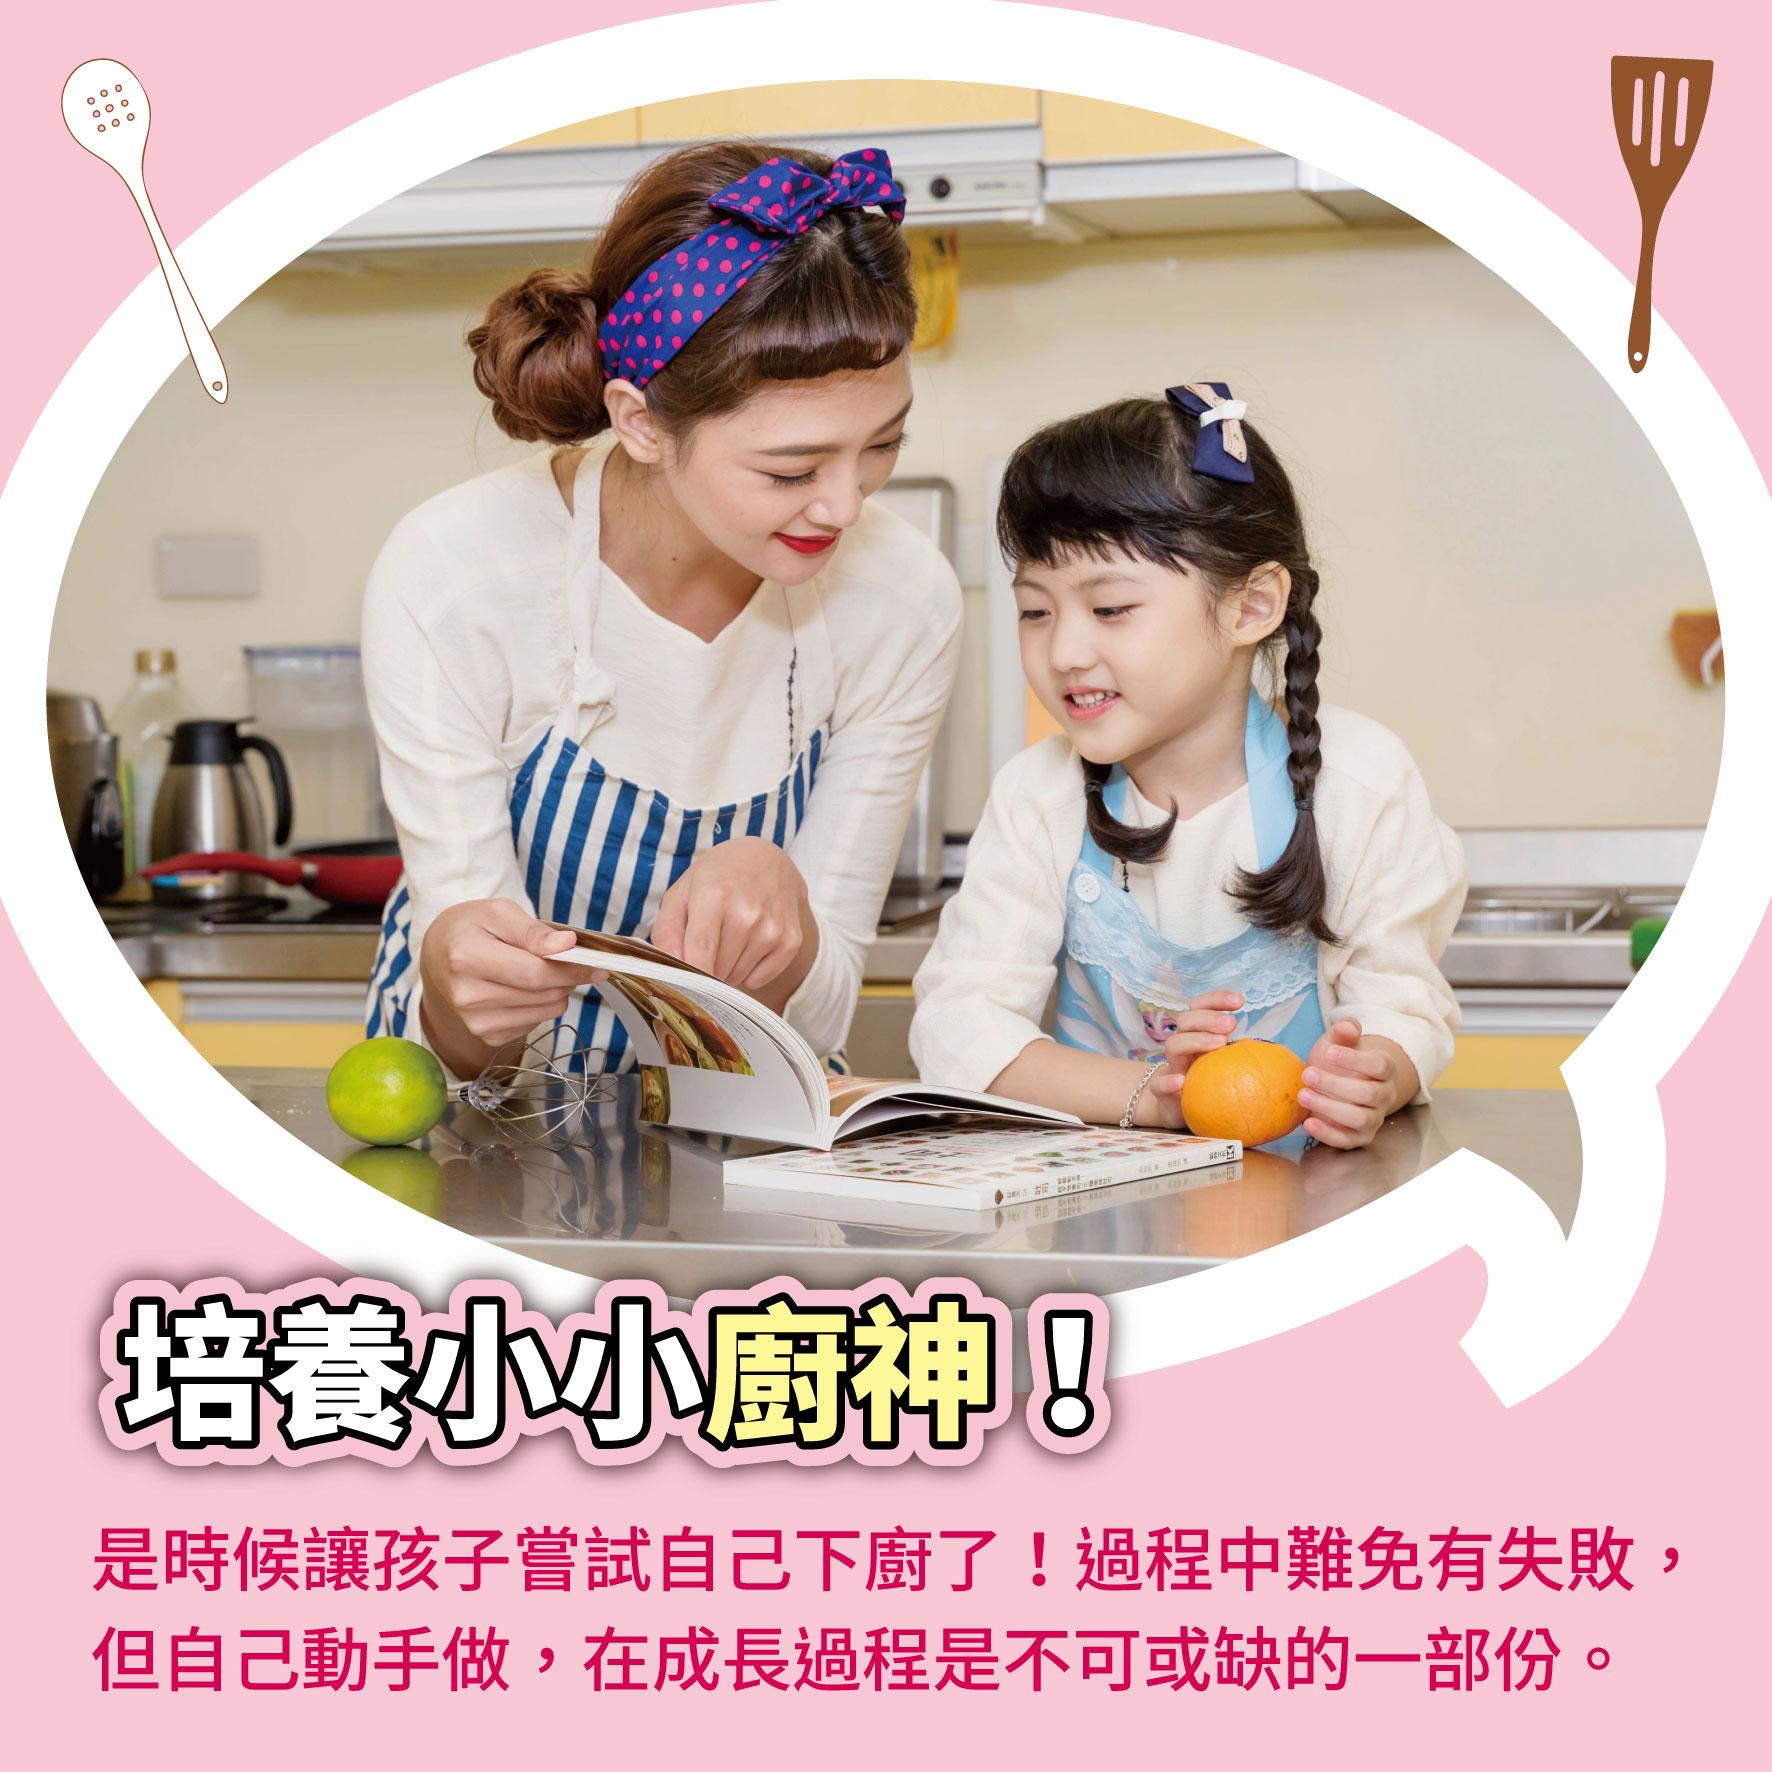 幼兒5歲(第46週)培養小小廚神!